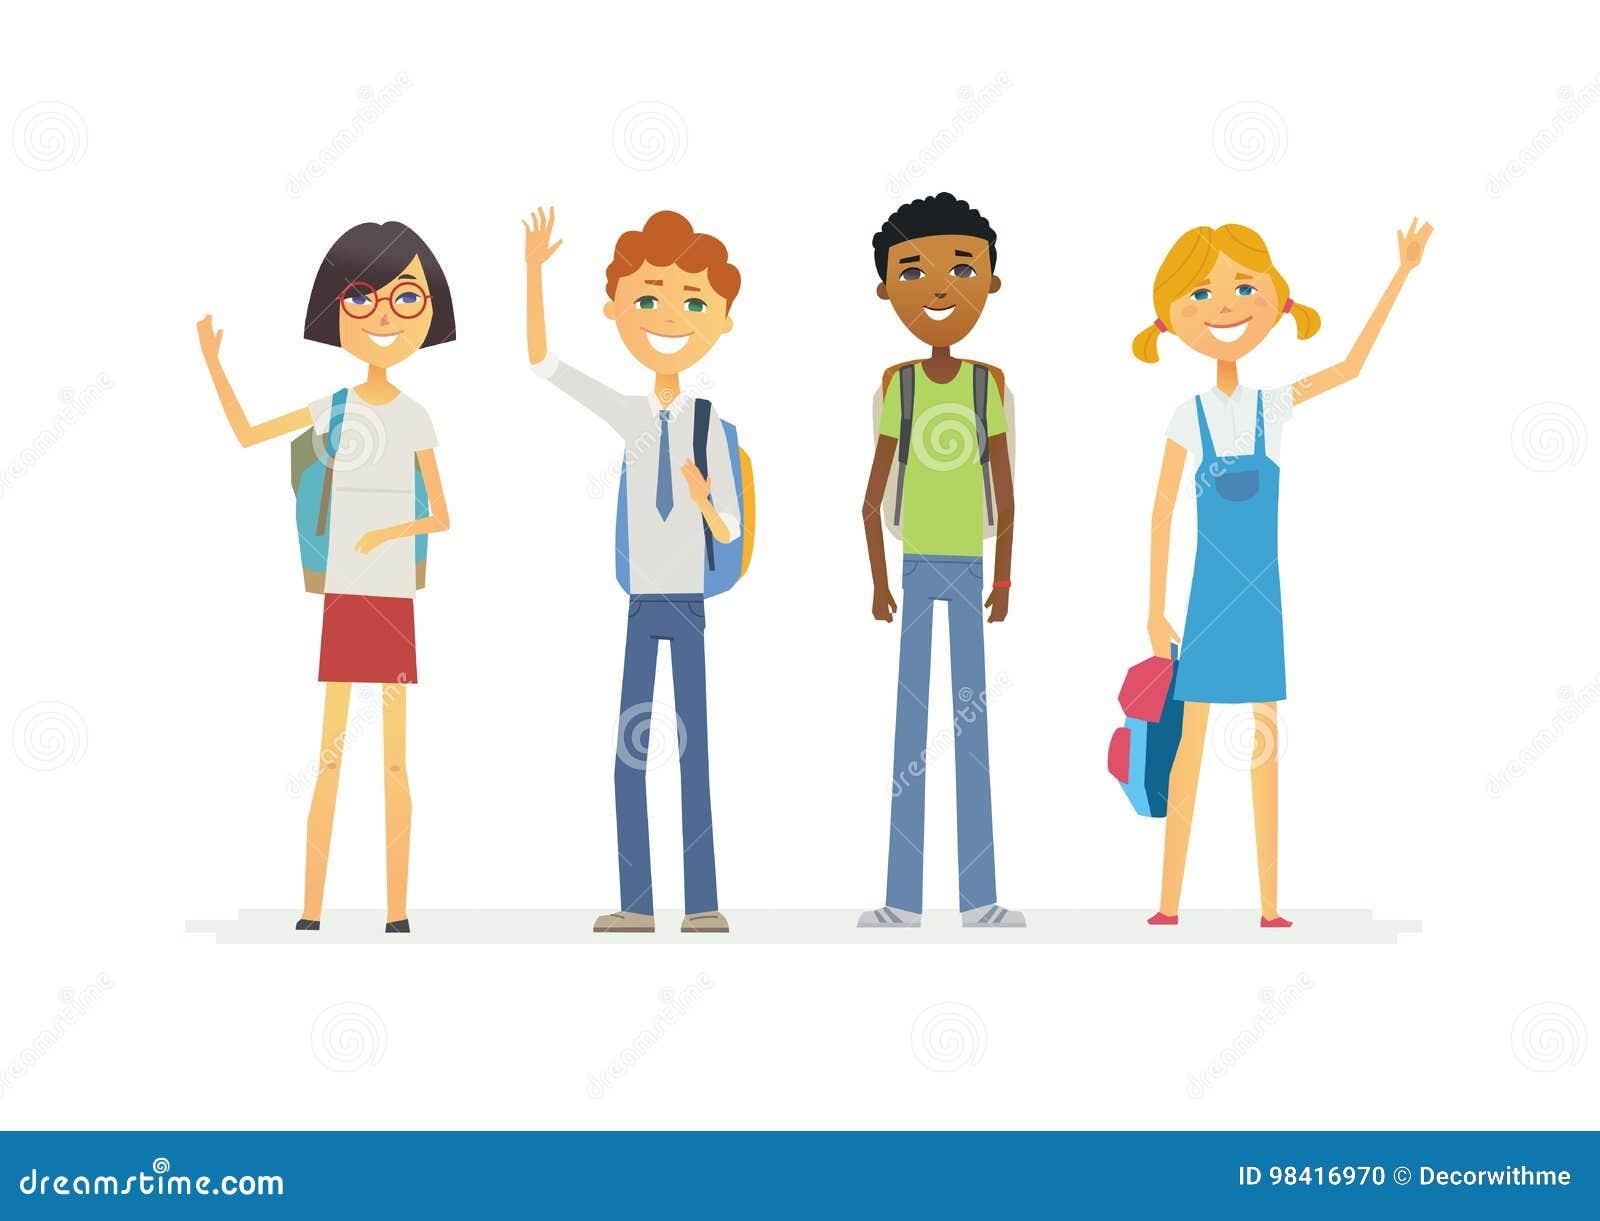 Glückliche stehende Schulkinder mit Rucksäcken - Karikaturleutecharaktere lokalisierten Illustration